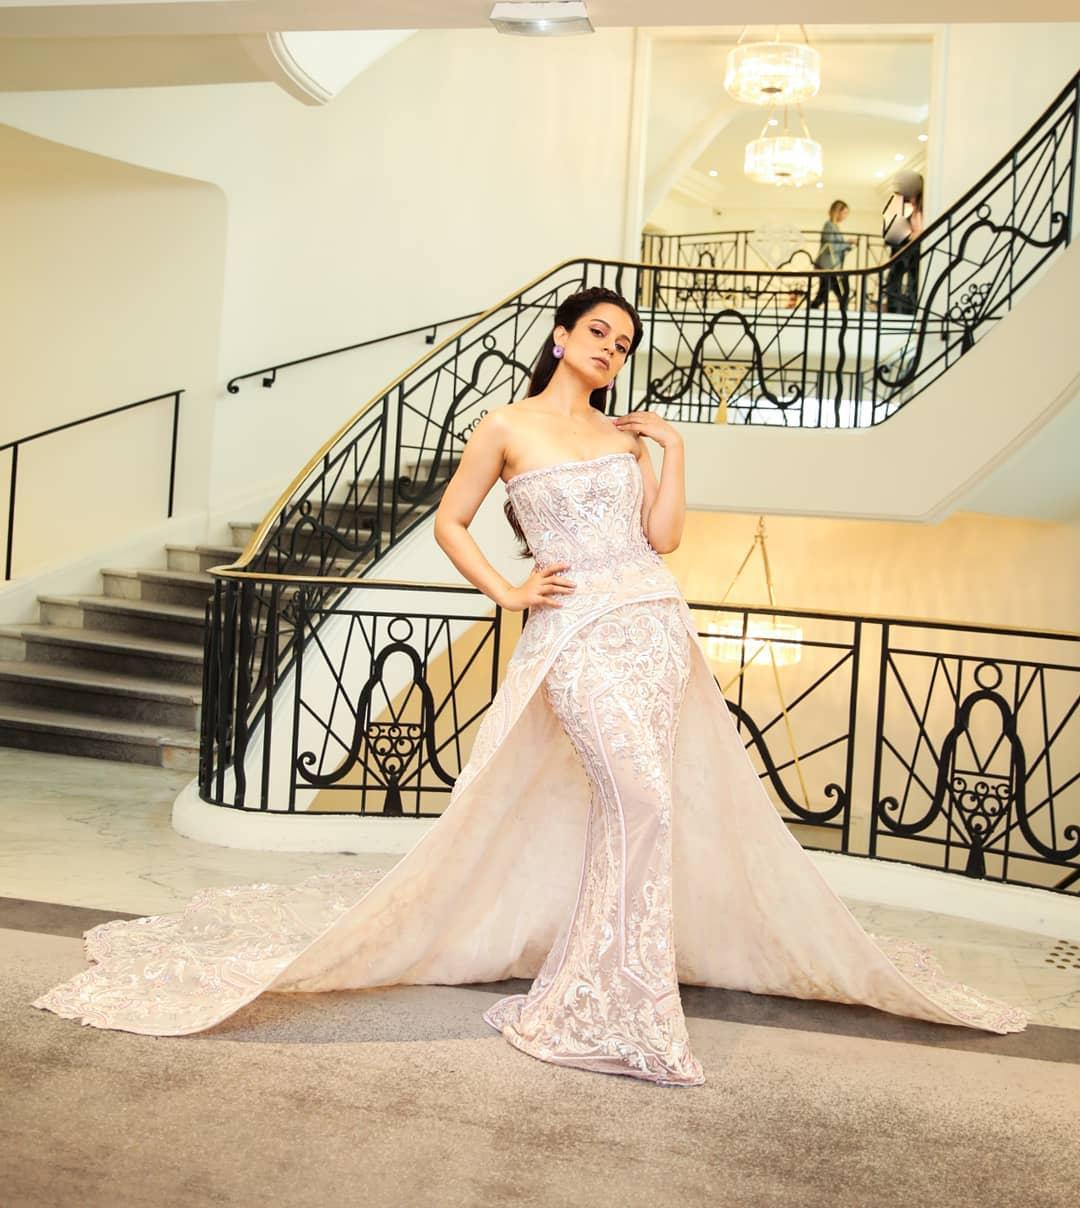 Cannes 2019 : వైట్ డ్రెస్లో యువరాణిలా కనిపిస్తోన్న కంగనా రనౌత్ Photo: Instagram.com/team_kangana_ranaut/